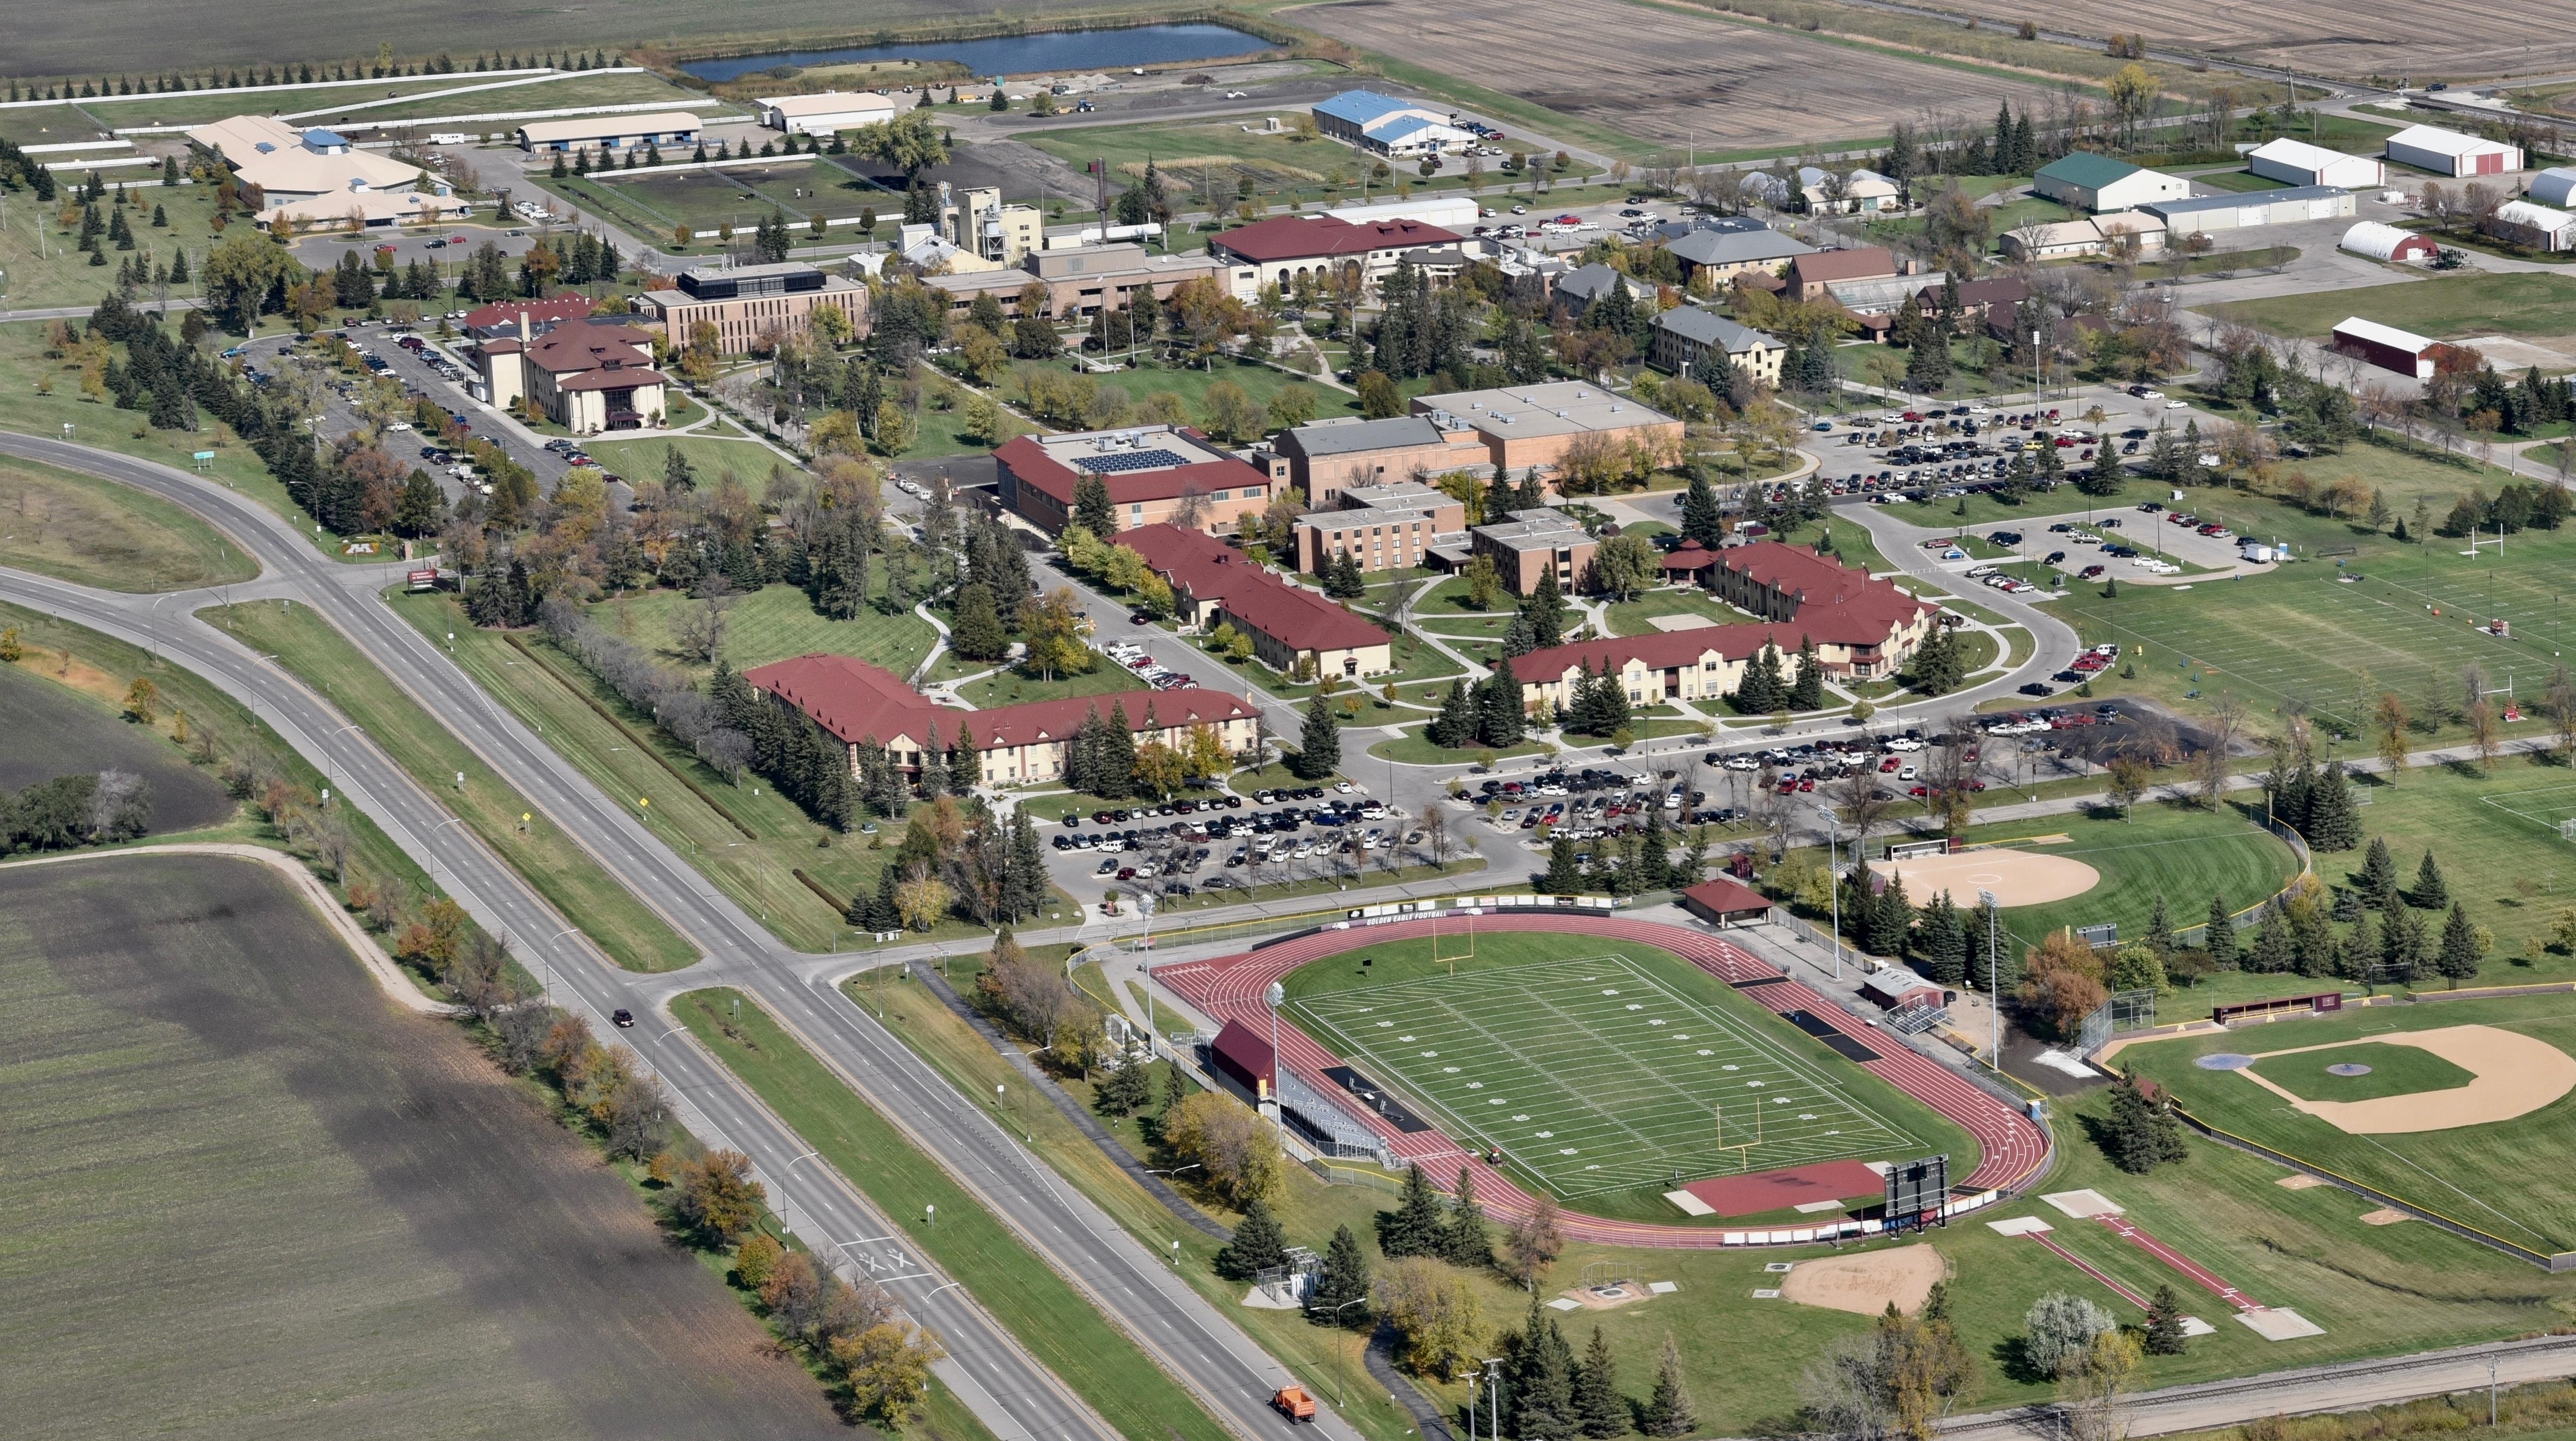 20161010 campus aerial 9772 1